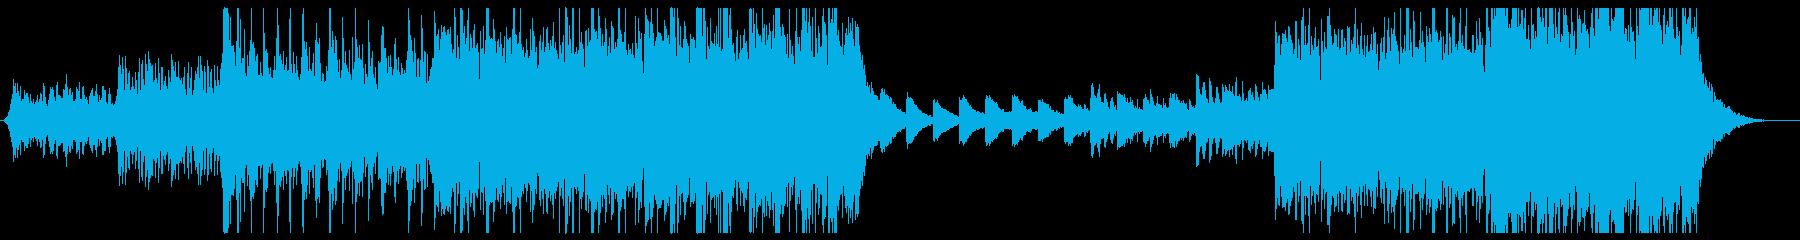 インスピレーションと動機付けのビデオ、の再生済みの波形